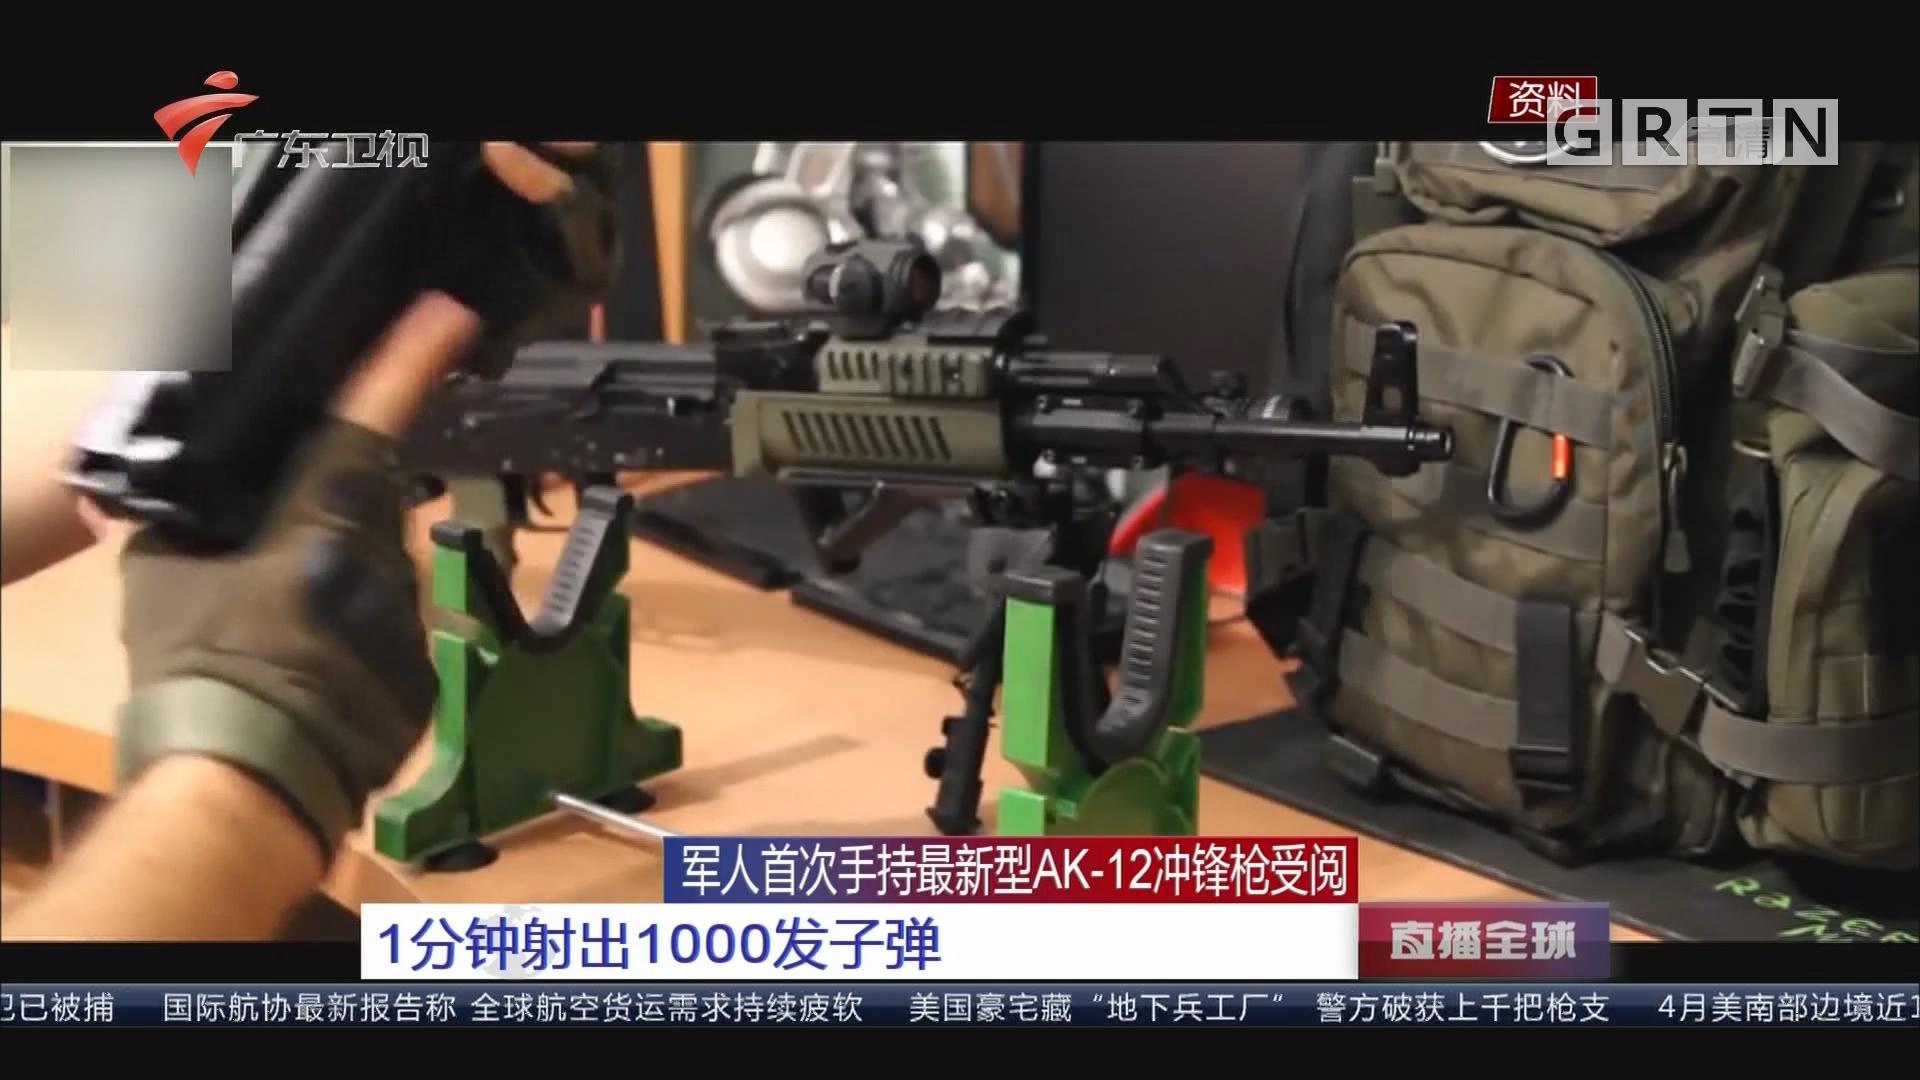 军人首次手持最新型AK-12冲锋枪受阅 1分钟射出1000发子弹